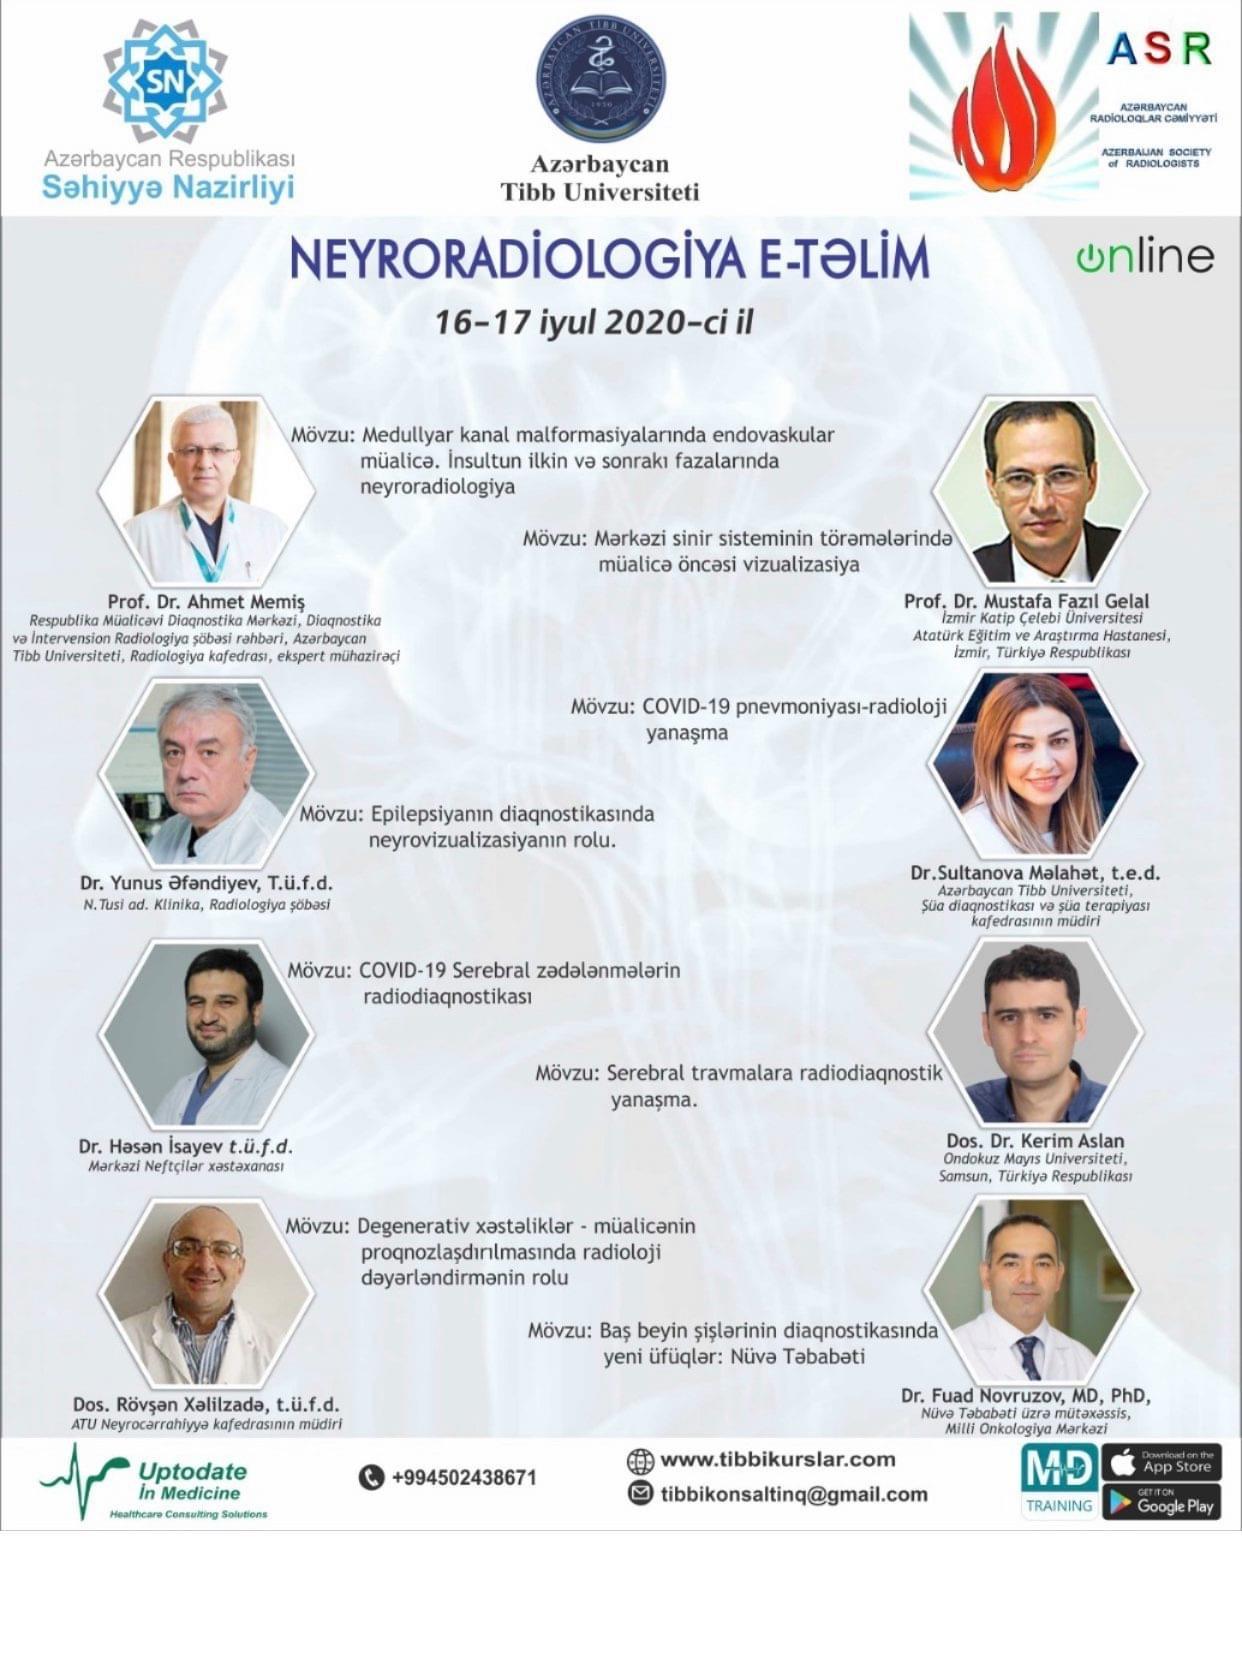 Neyroradiologiyanın aktual problemlərinə həsr olunan e-təlim keçirilib